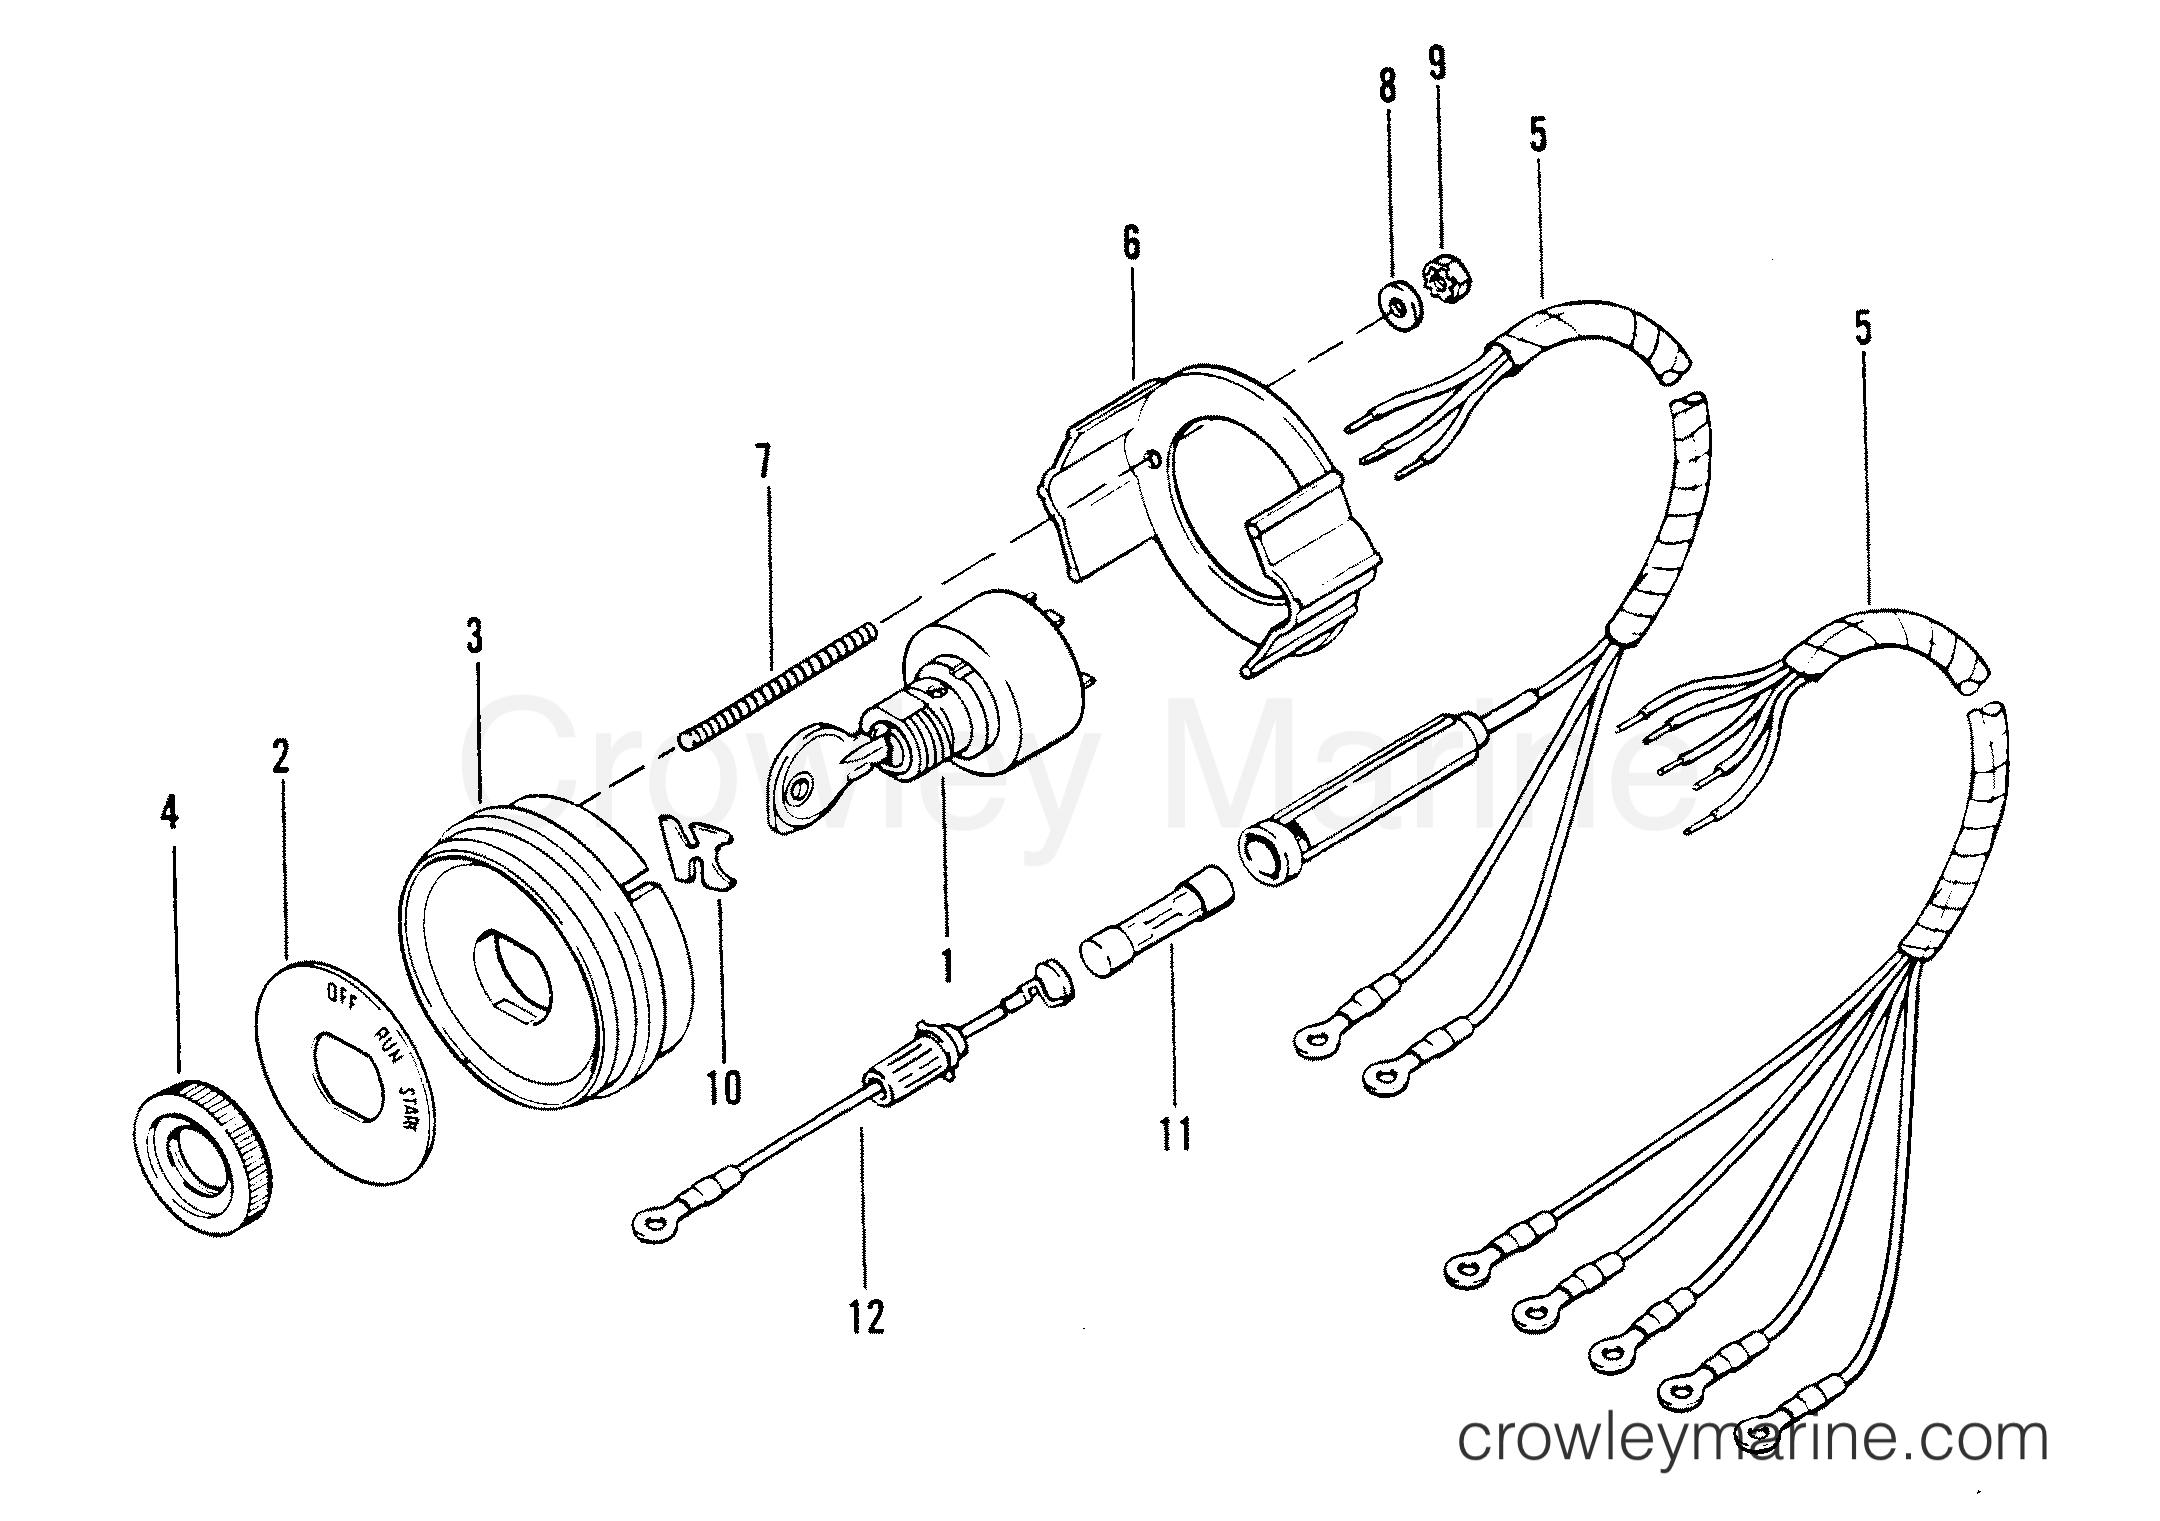 key switch assembly  54211a2  54212a7